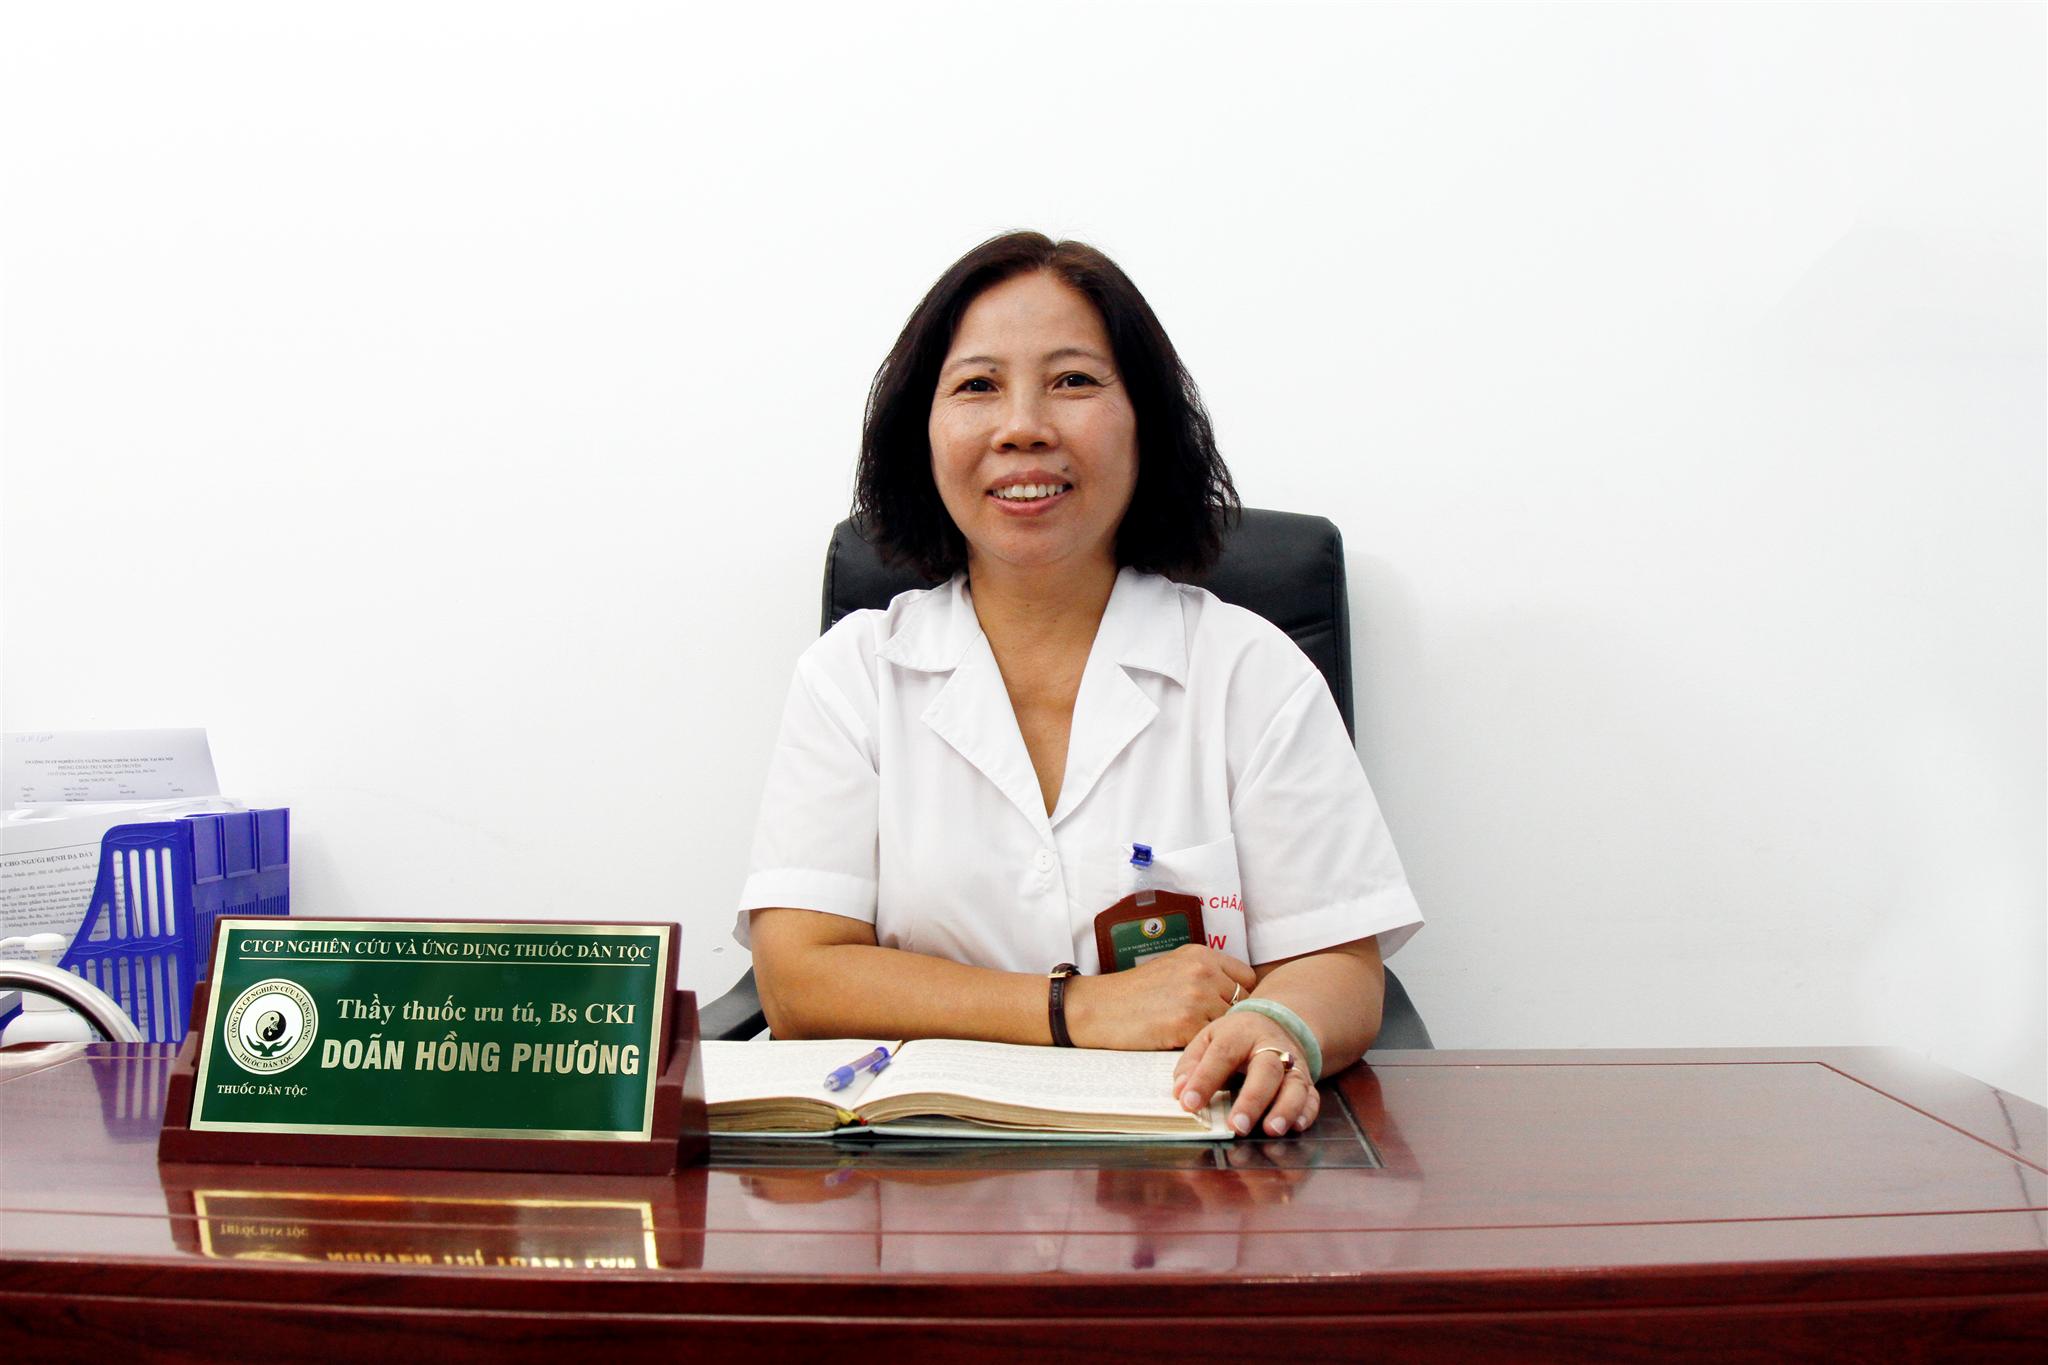 Thầy thuốc ưu tú, Bác sĩ Doãn Hồng Phương